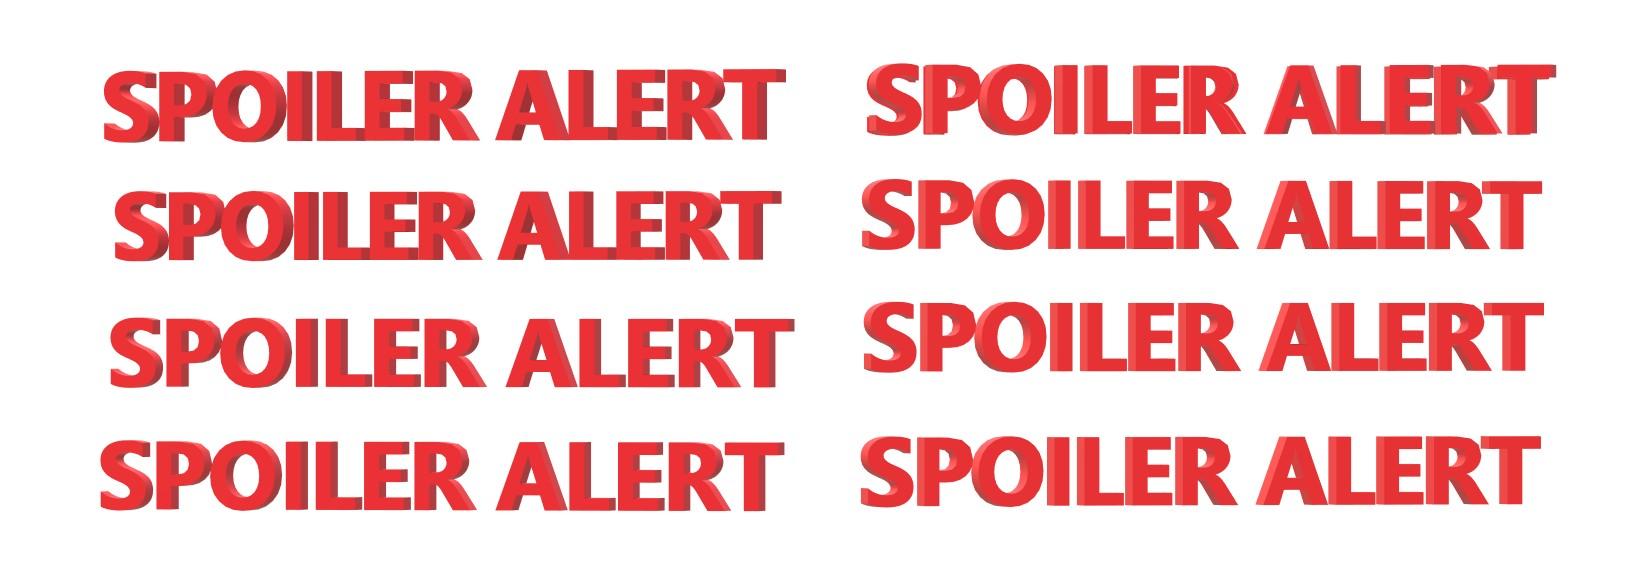 Red letters spelling spoiler alert.